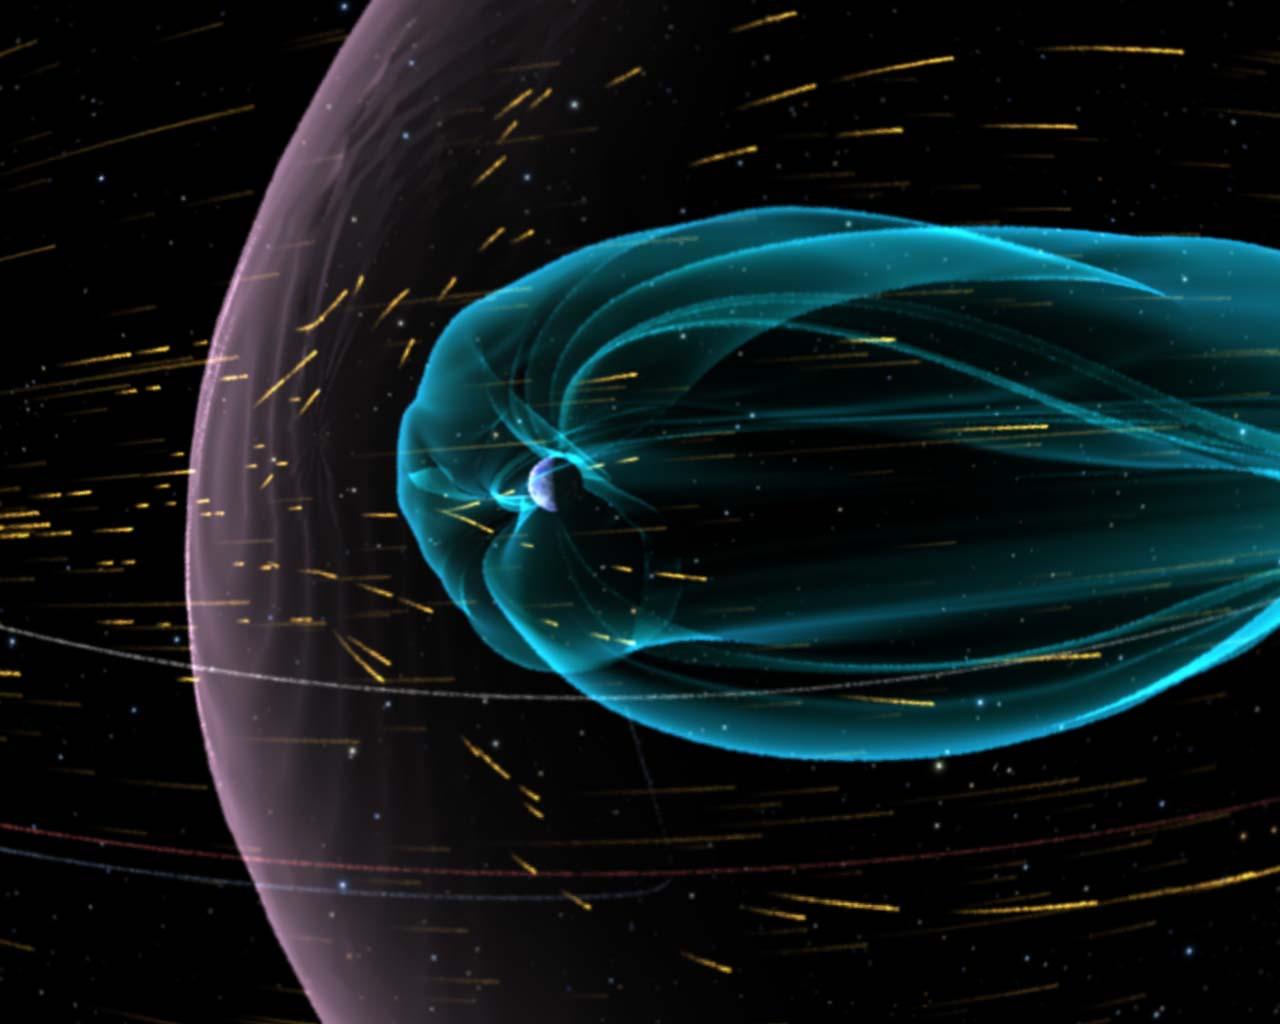 Схема Земной магнитосферы